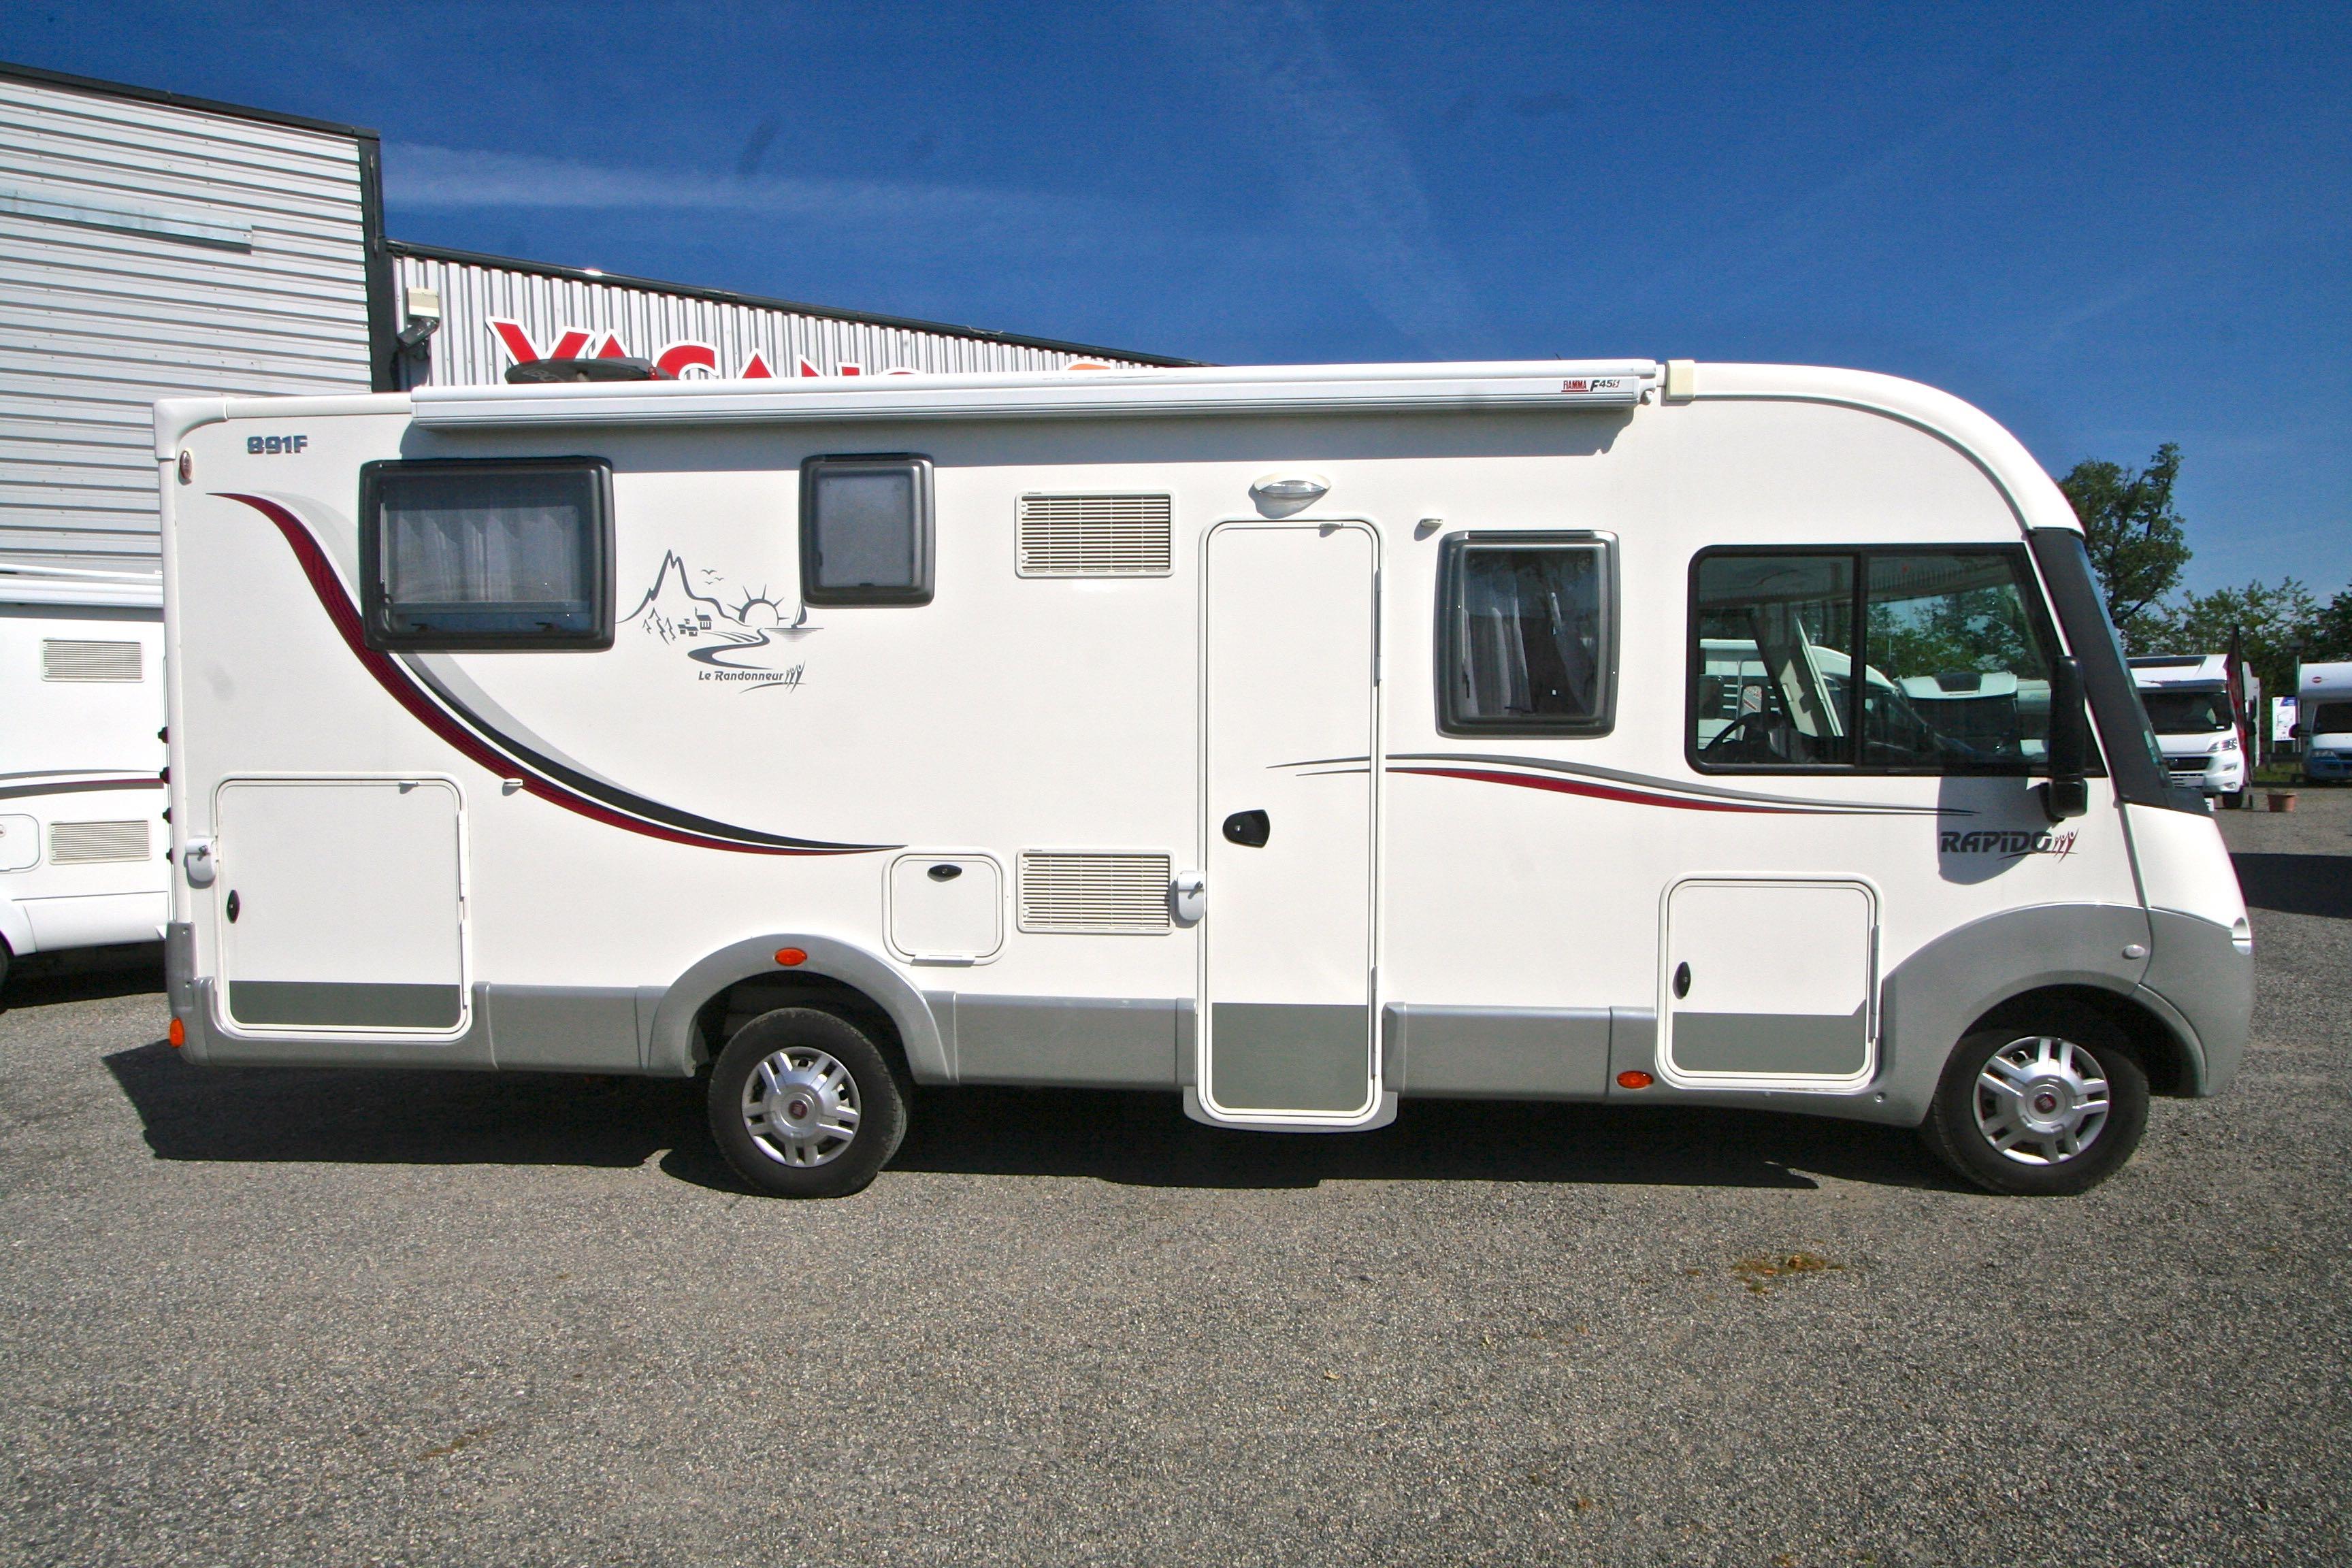 rapido 891 f occasion fiat camping car en vente roques sur garonne haute garonne 31. Black Bedroom Furniture Sets. Home Design Ideas